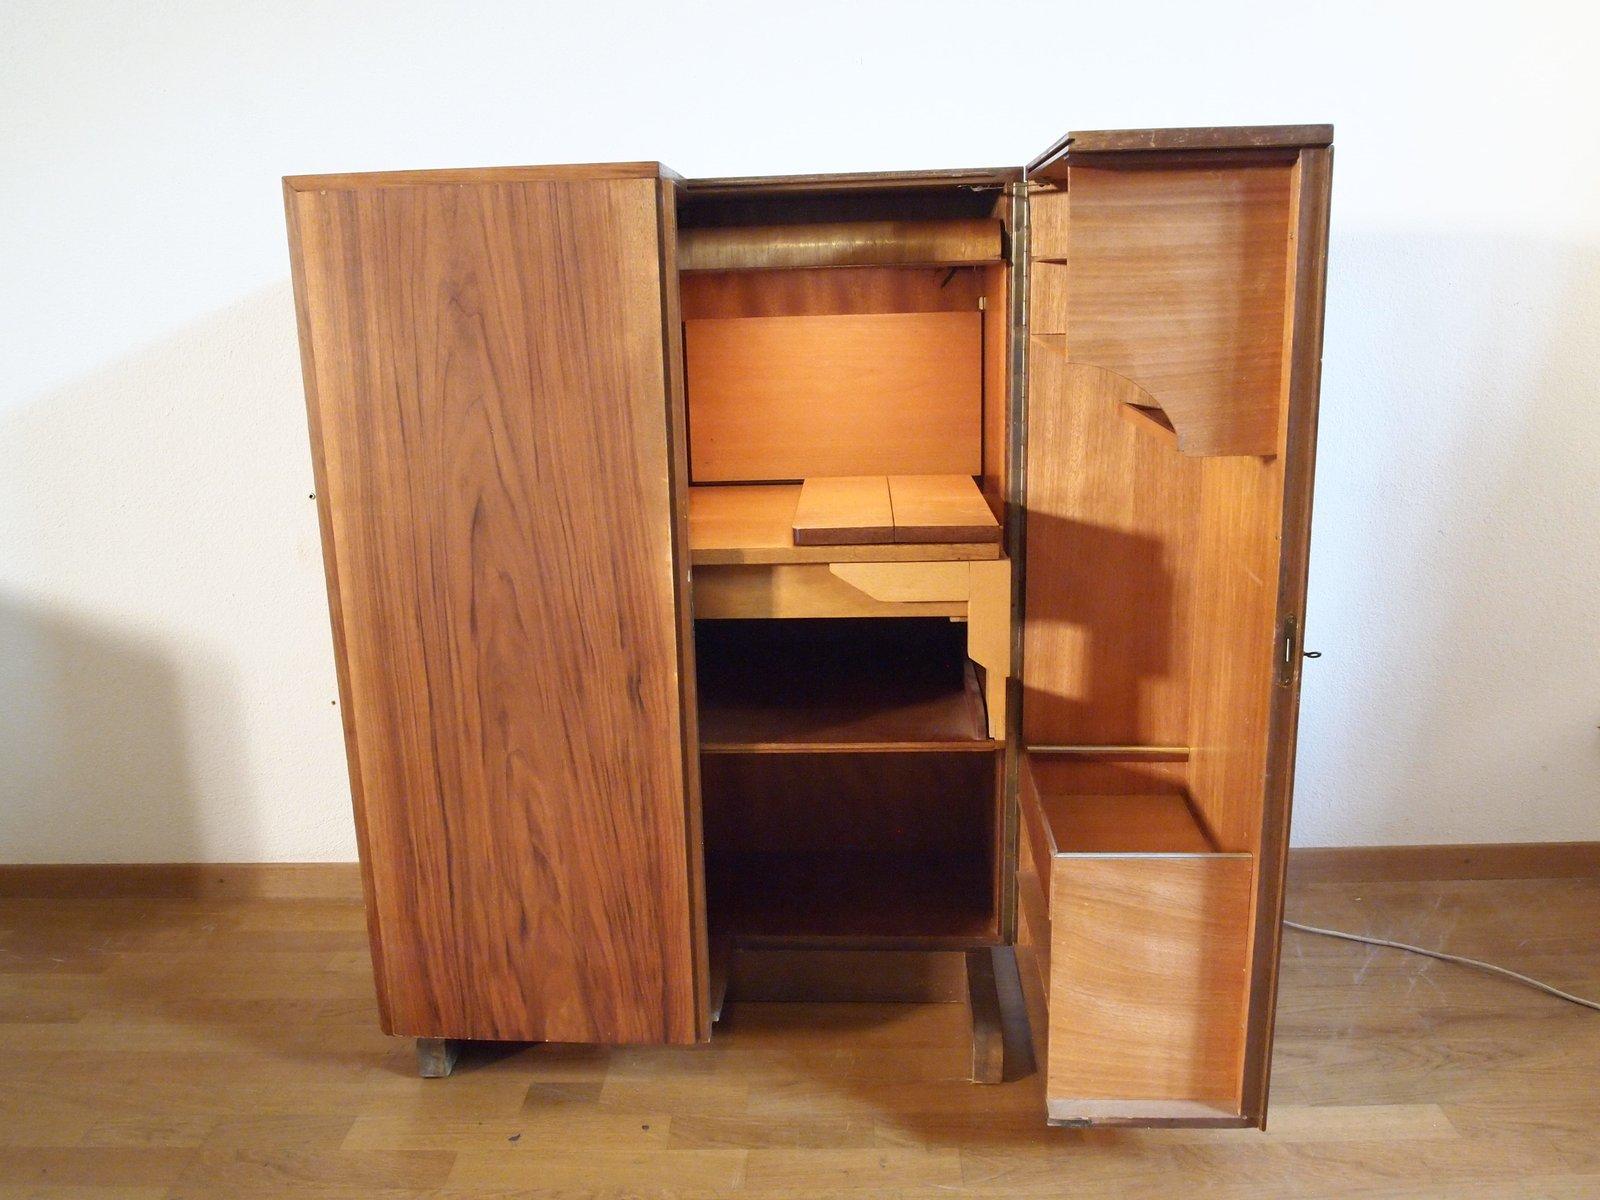 Credenza Con Tavolo A Scomparsa : Mobiletto vintage con scrivania a scomparsa in vendita su pamono